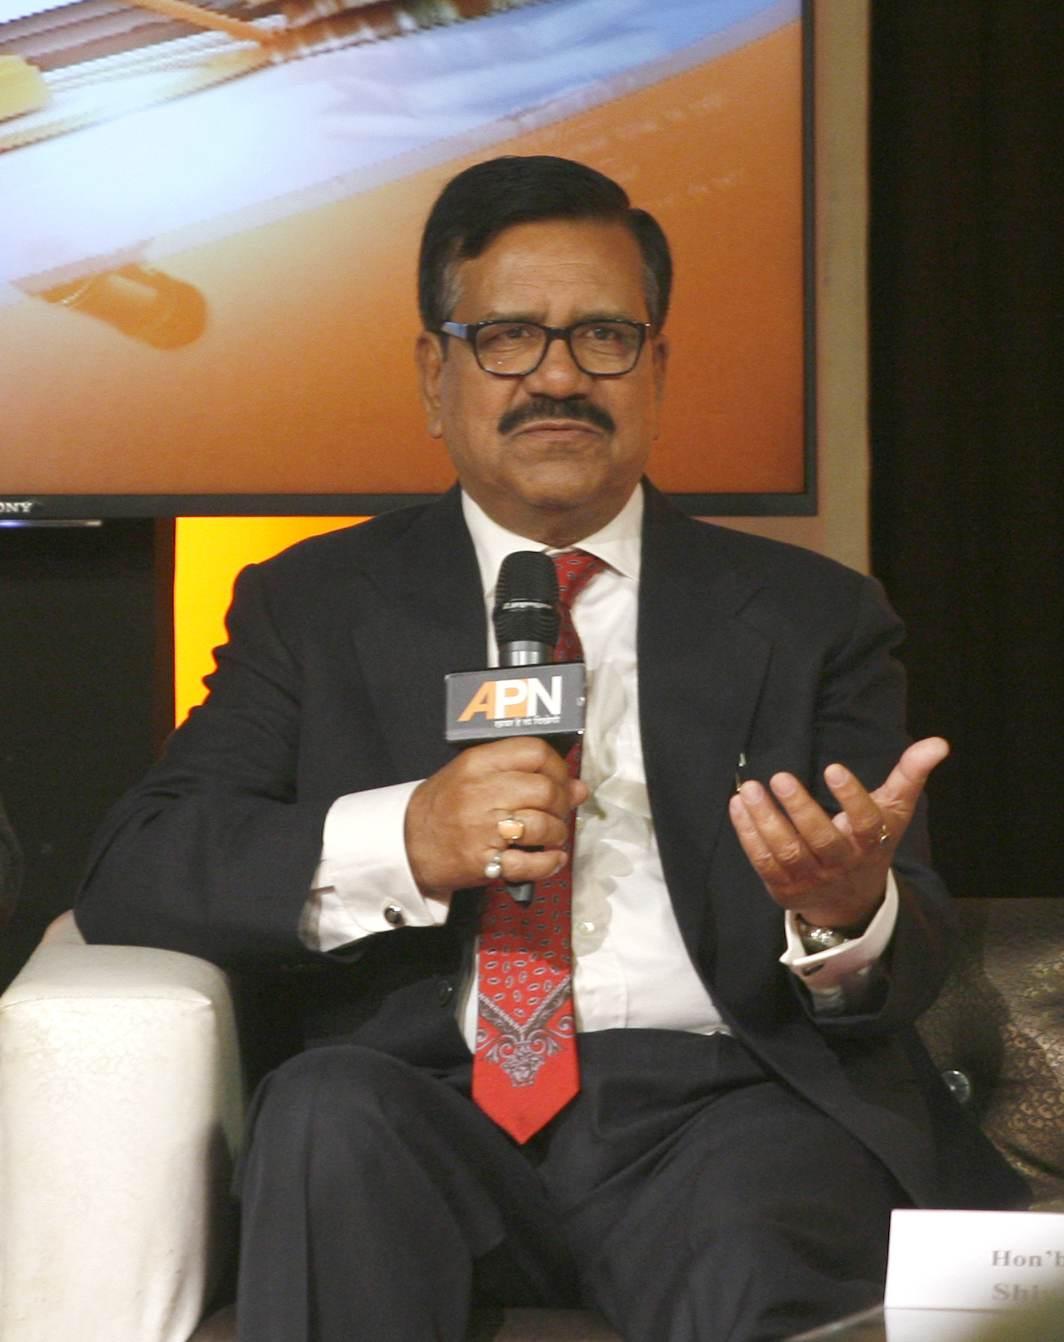 Justice Shiva Kirti Singh sharing his views